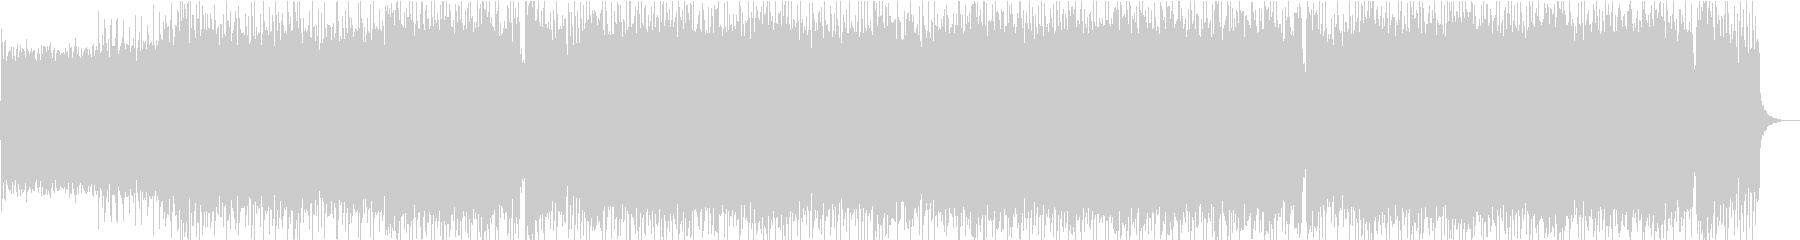 攻撃的なメロディックロックの未再生の波形